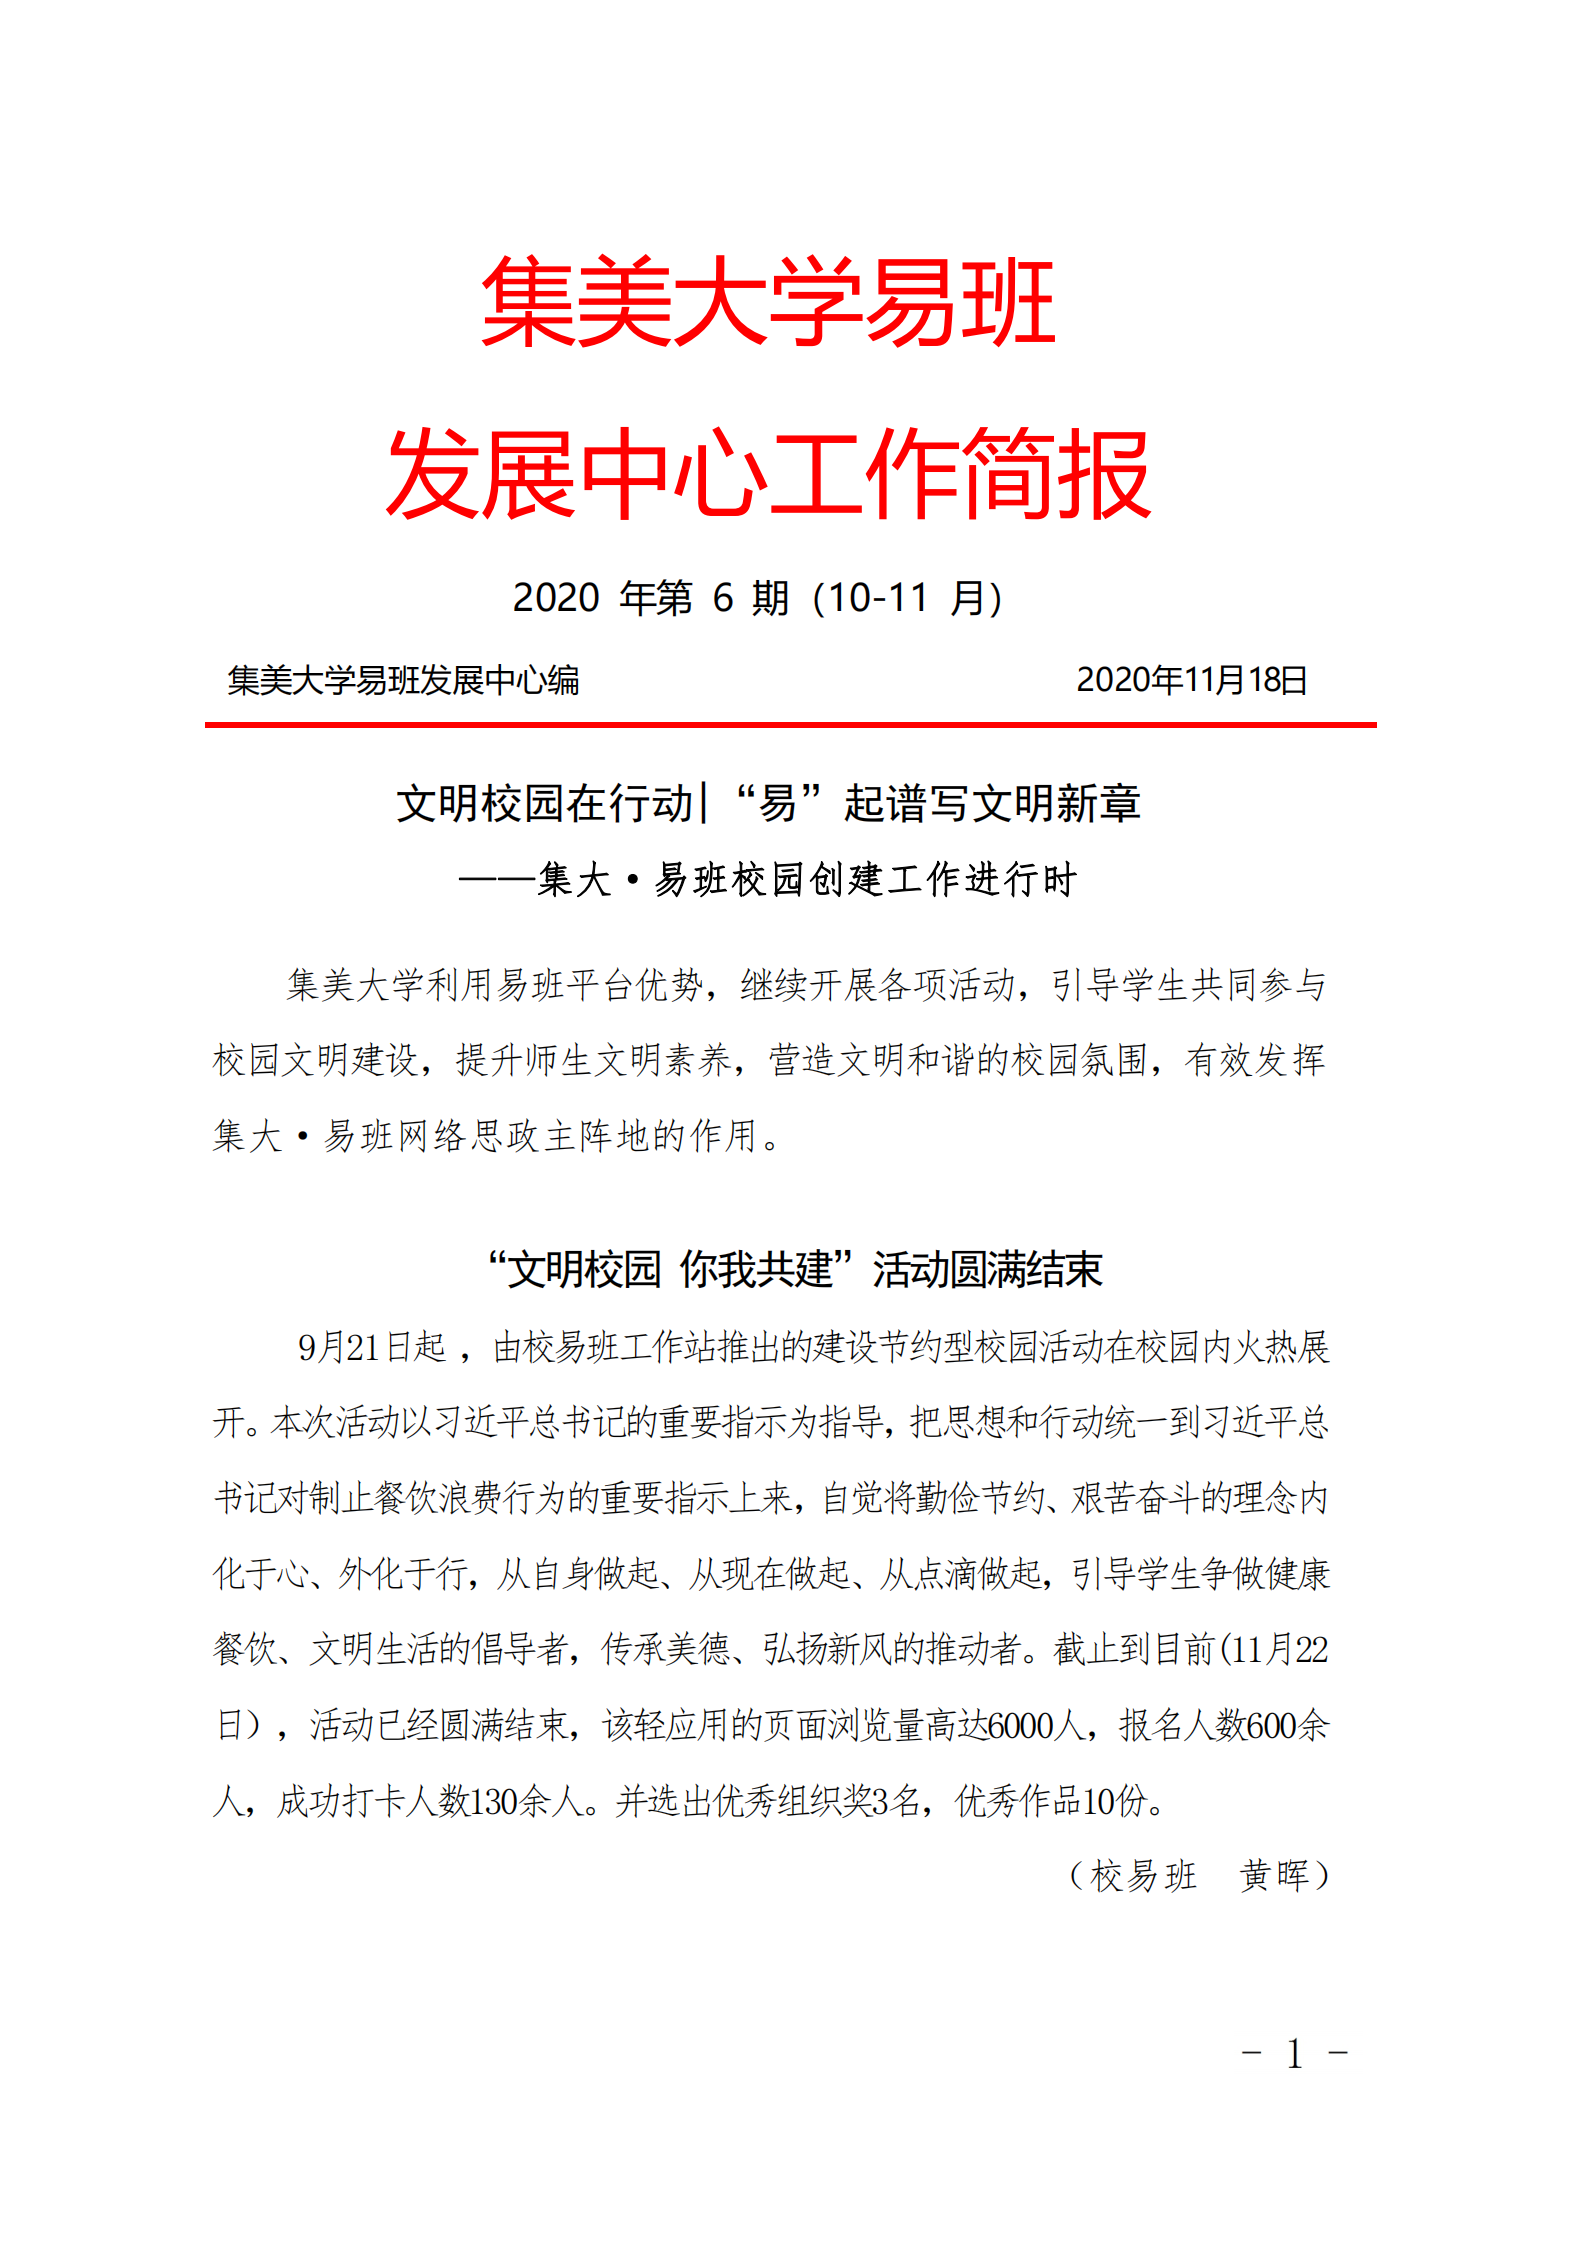 【集美大学易班发展中心工作简报】——2020年第6期(10—11月)